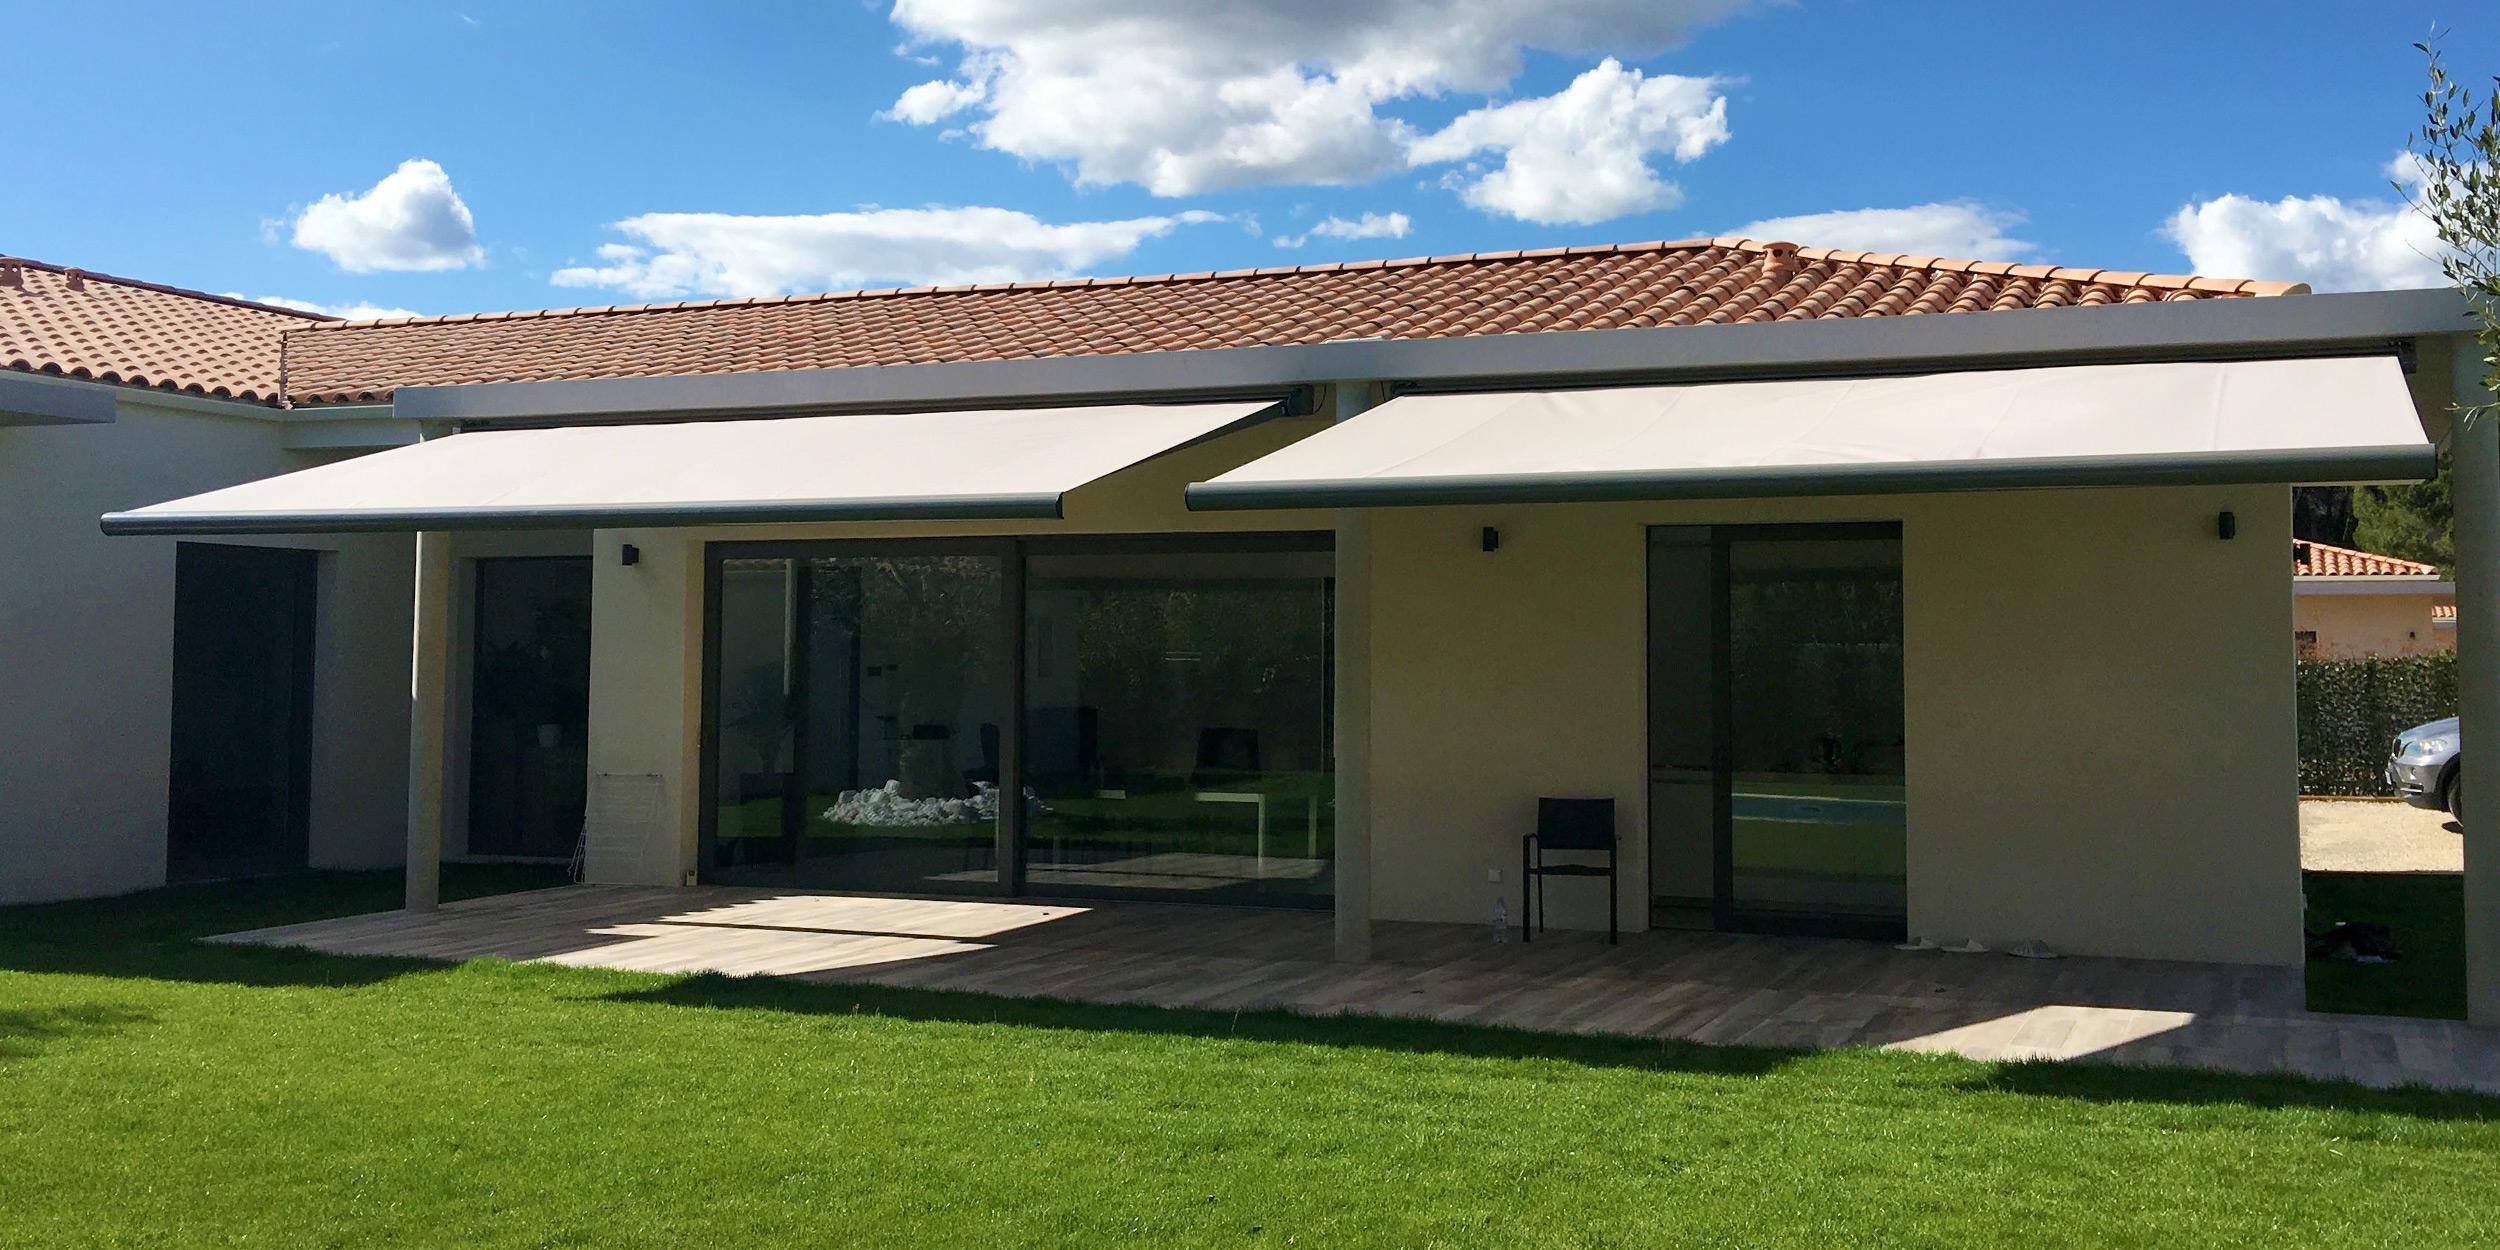 Vendita Tende Da Sole Parma kumo, tenda con cassonetto - oltre la frontiera del design